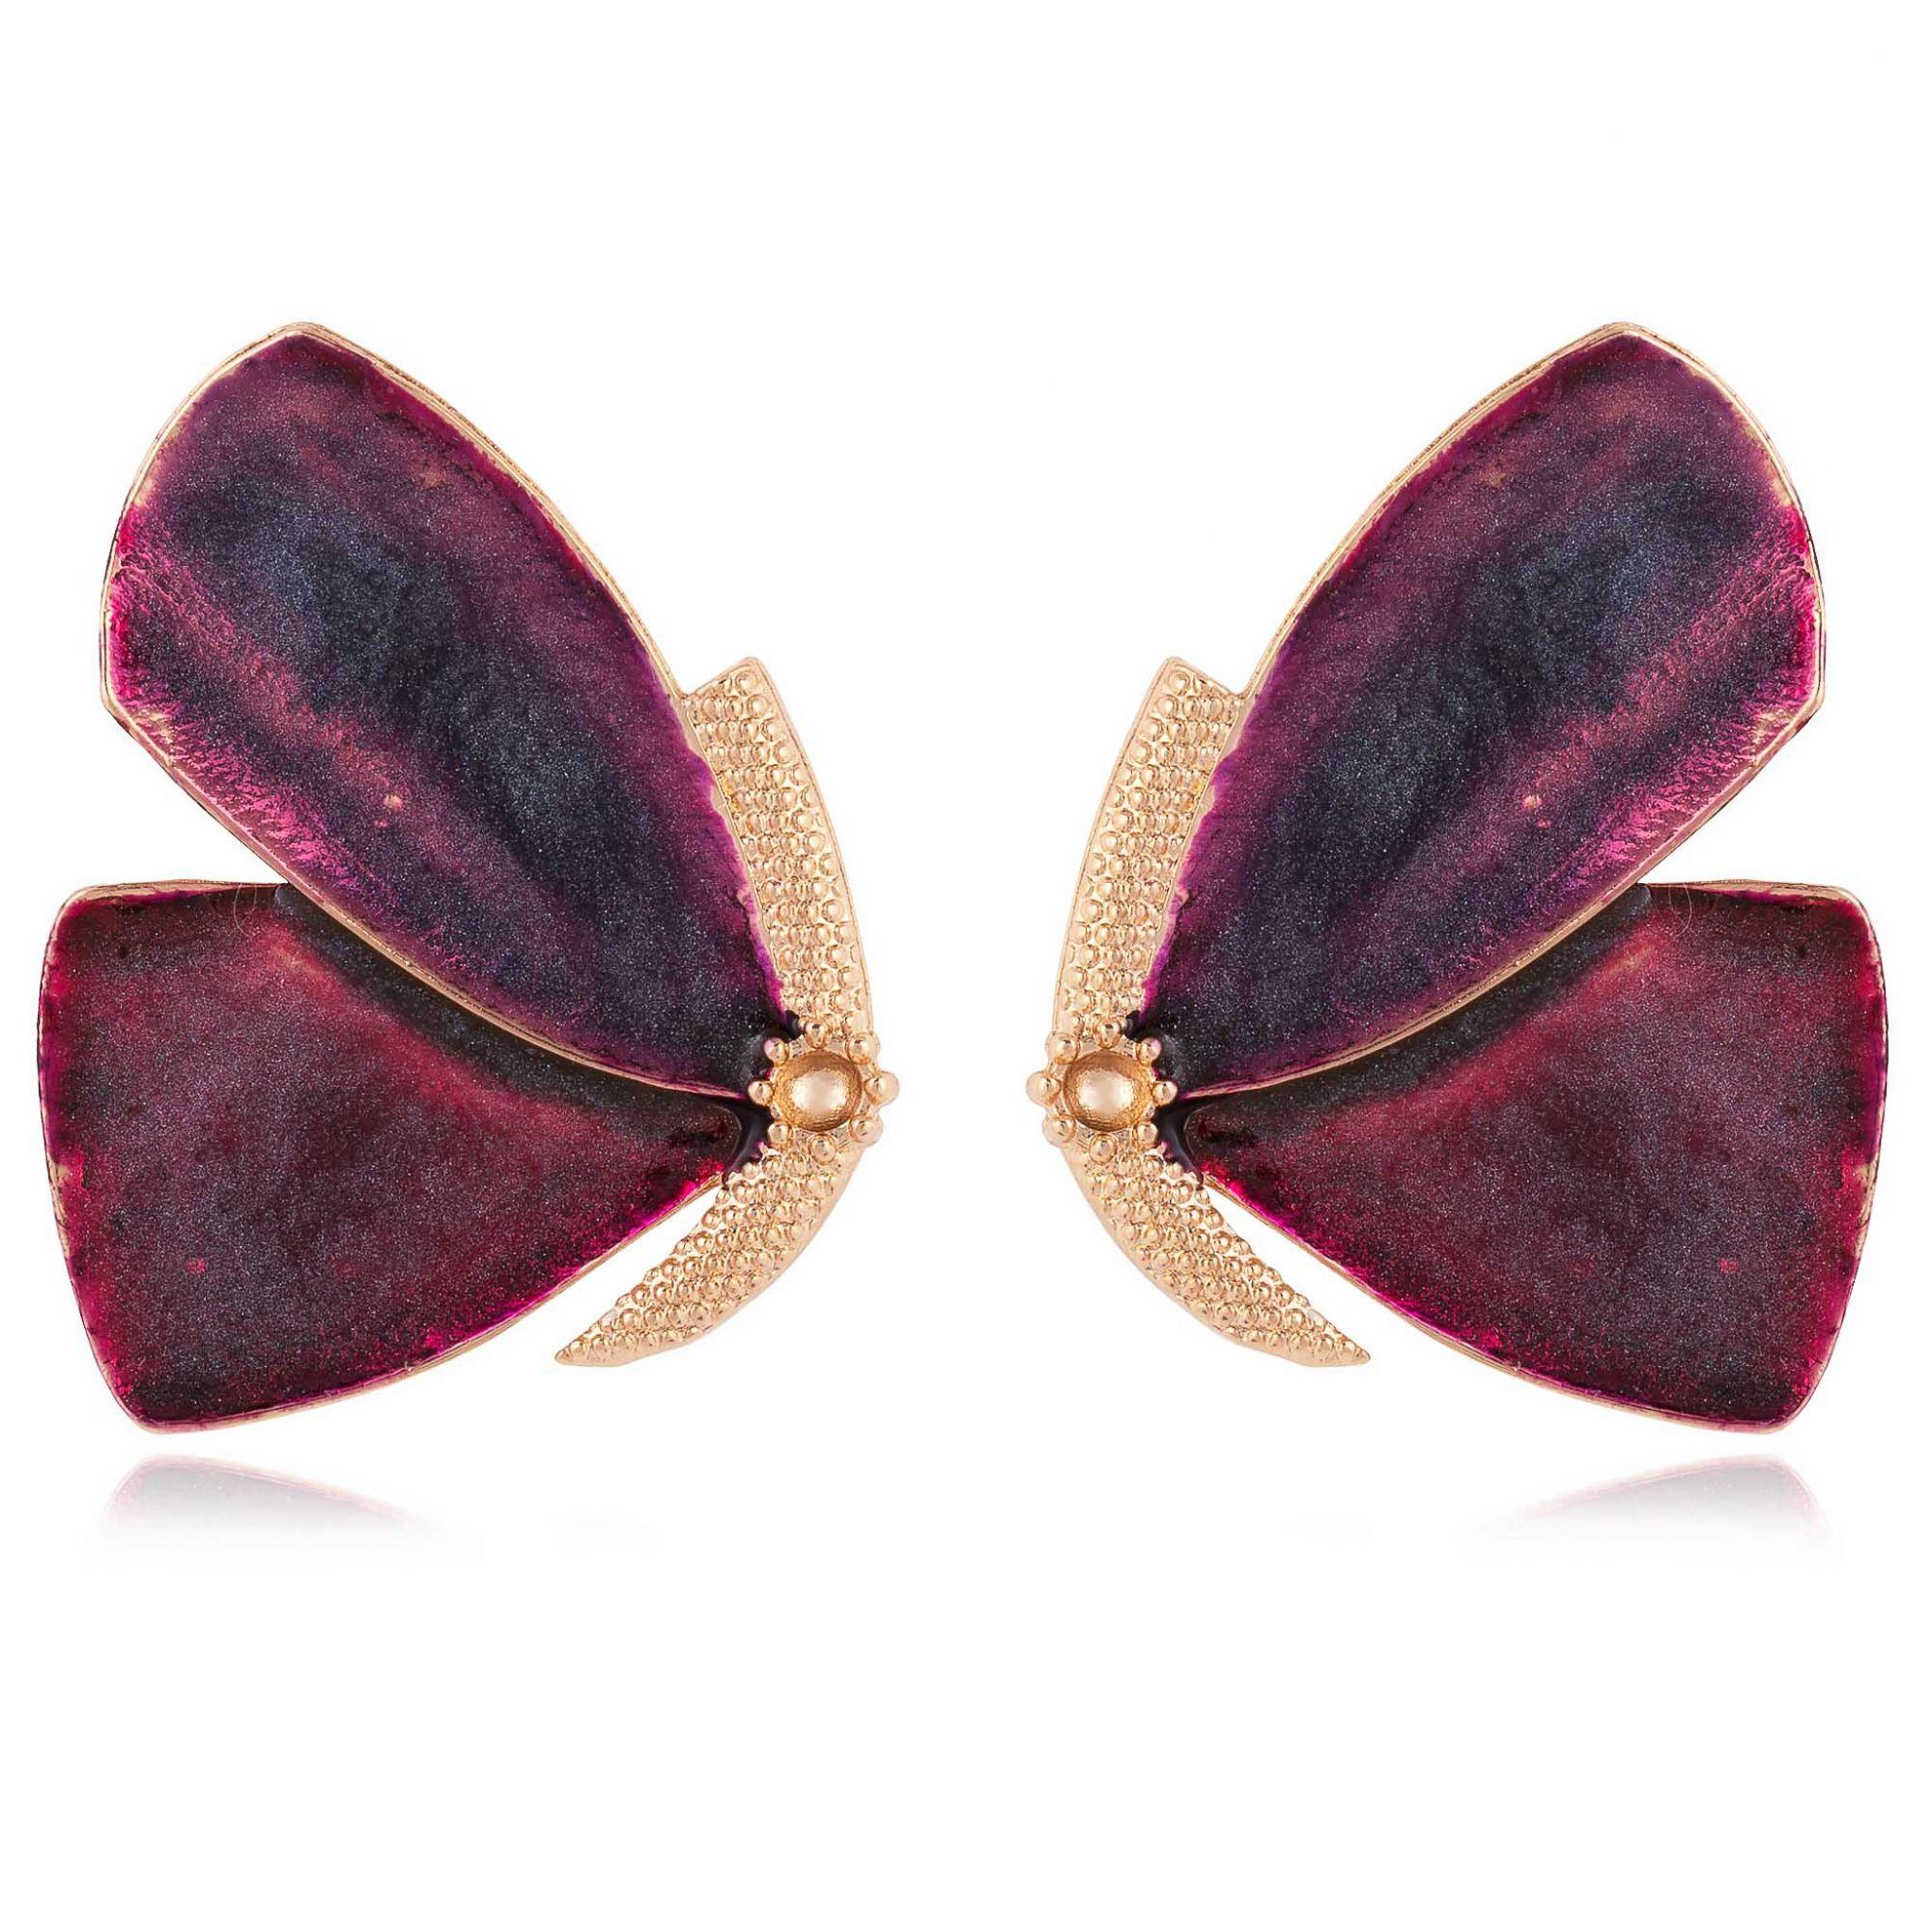 Brinco borboleta banhado a ouro 18k resinado em tons de fúcsia.  - romabrazil.com.br